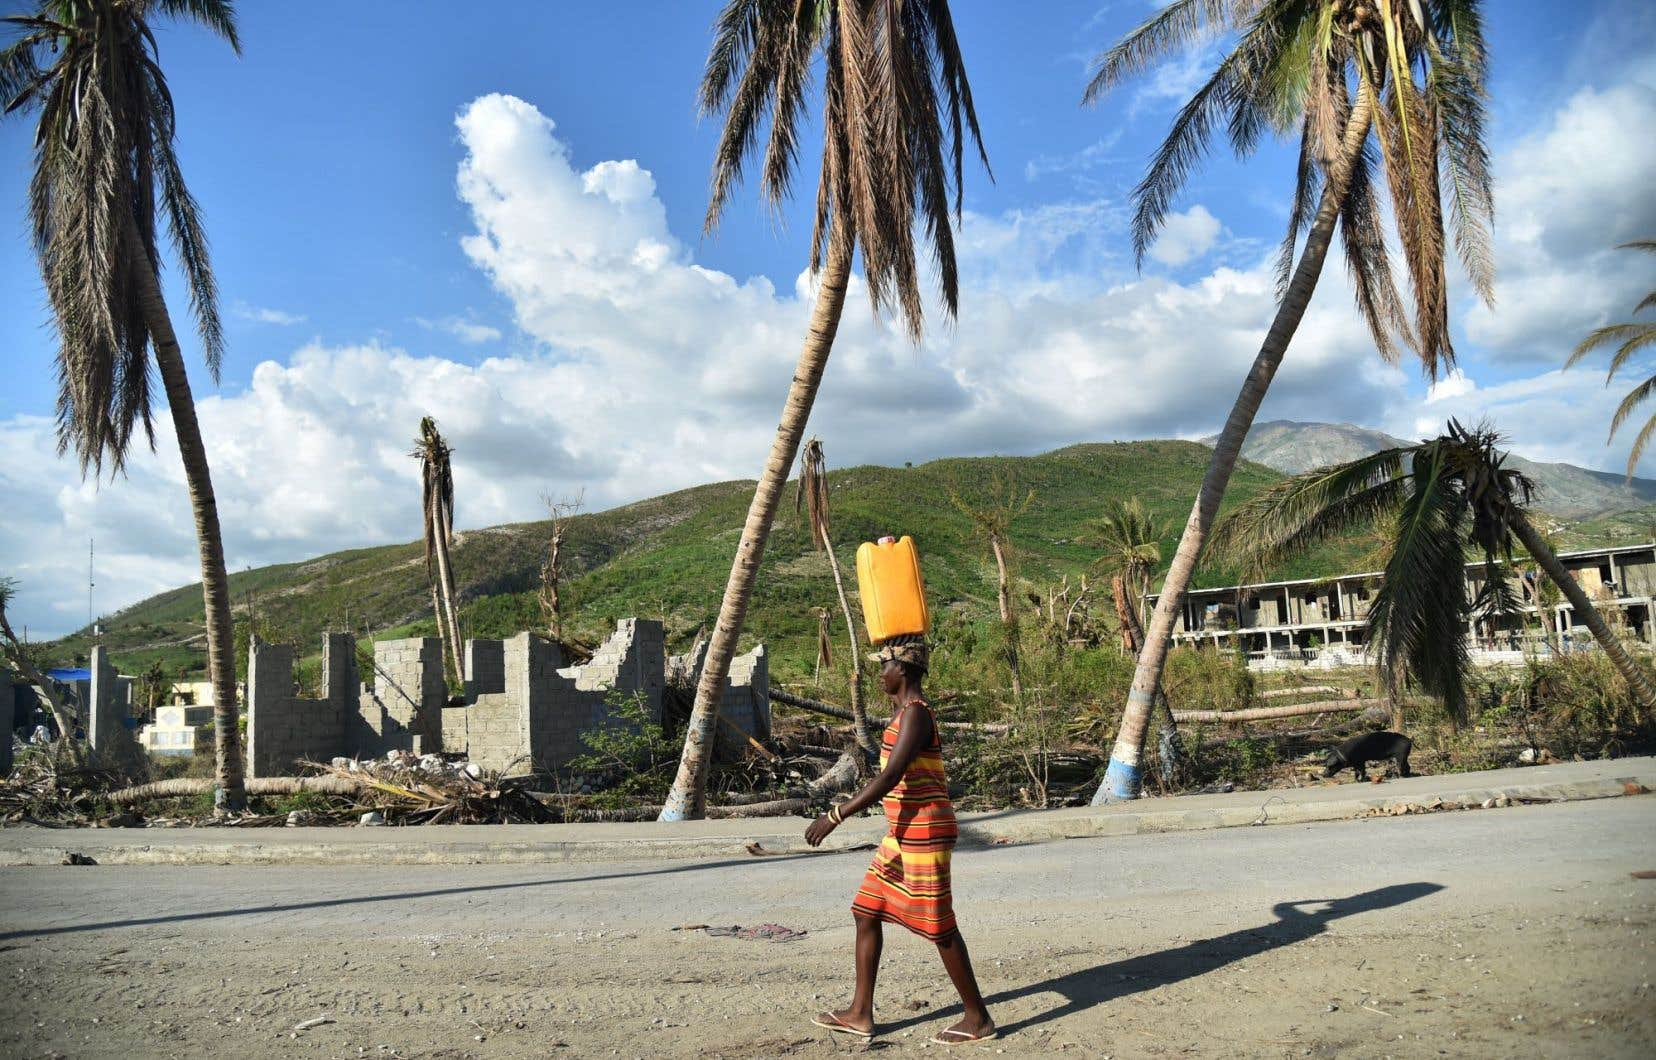 Haïti est toujours aux prises avec la plus importante épidémie de choléra à l'échelle mondiale: 30000 cas pourraient être recensés au cours de l'année 2017.